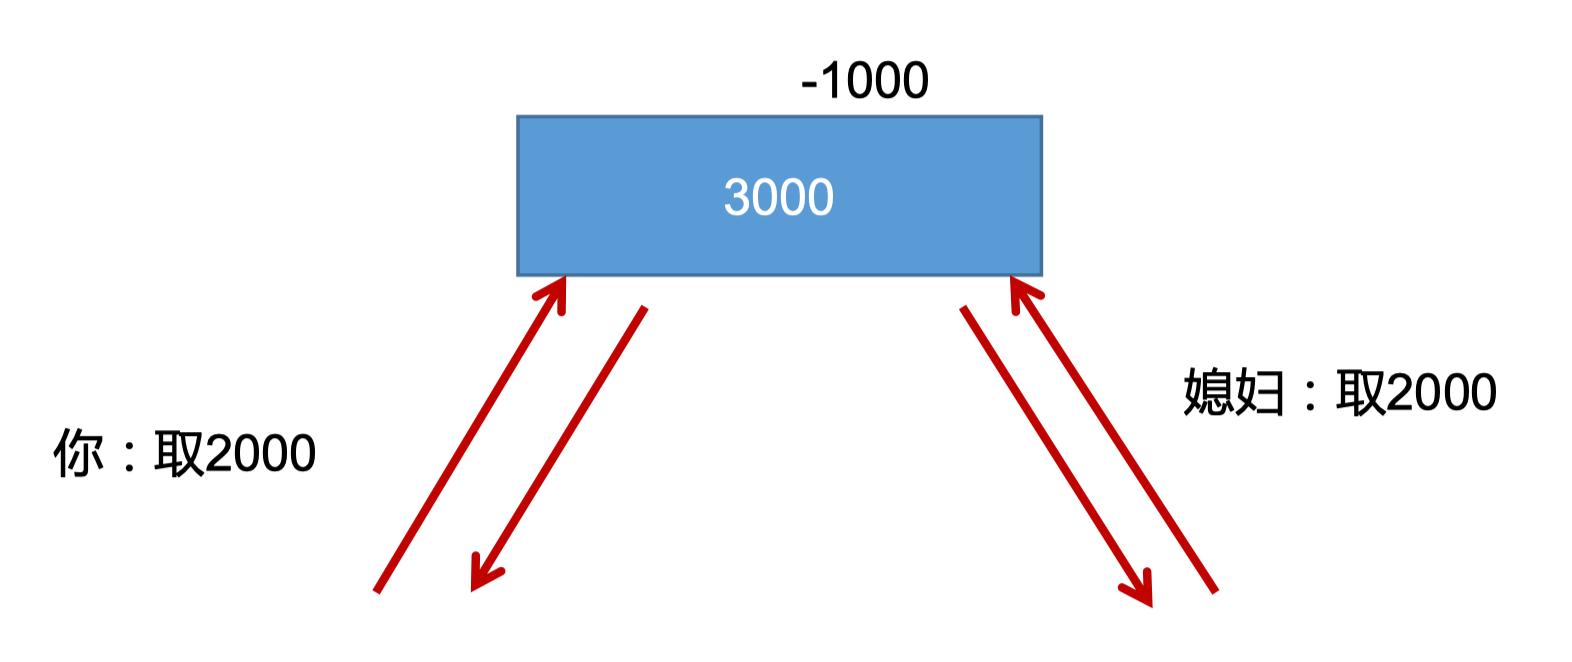 image-20201026220255374